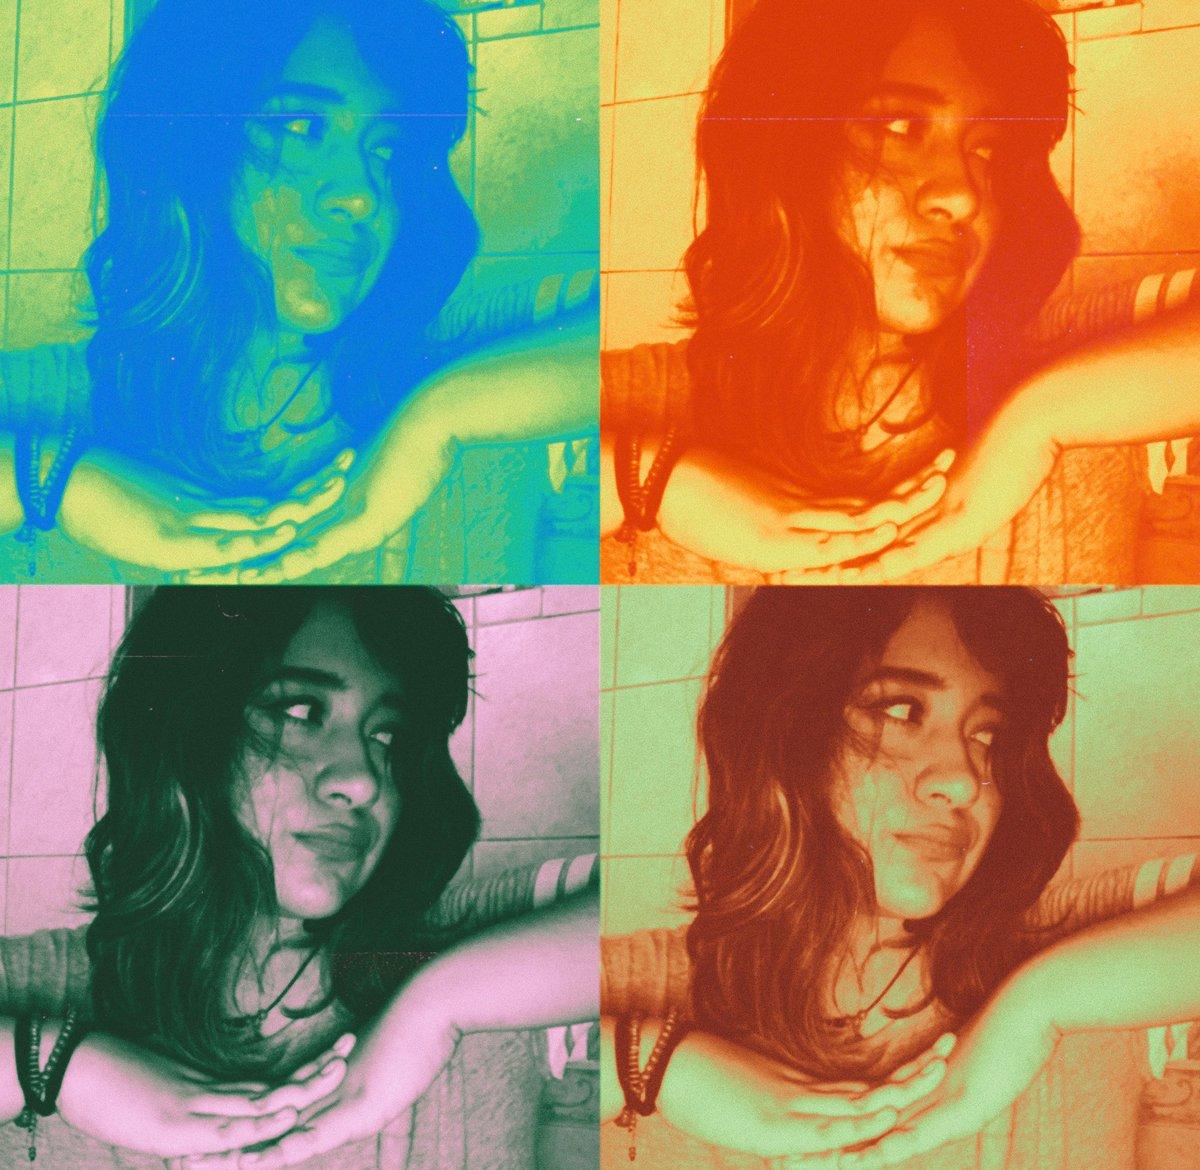 #colores #colors #fotografia @AlejandraGutbepic.twitter.com/PrTheuFI53